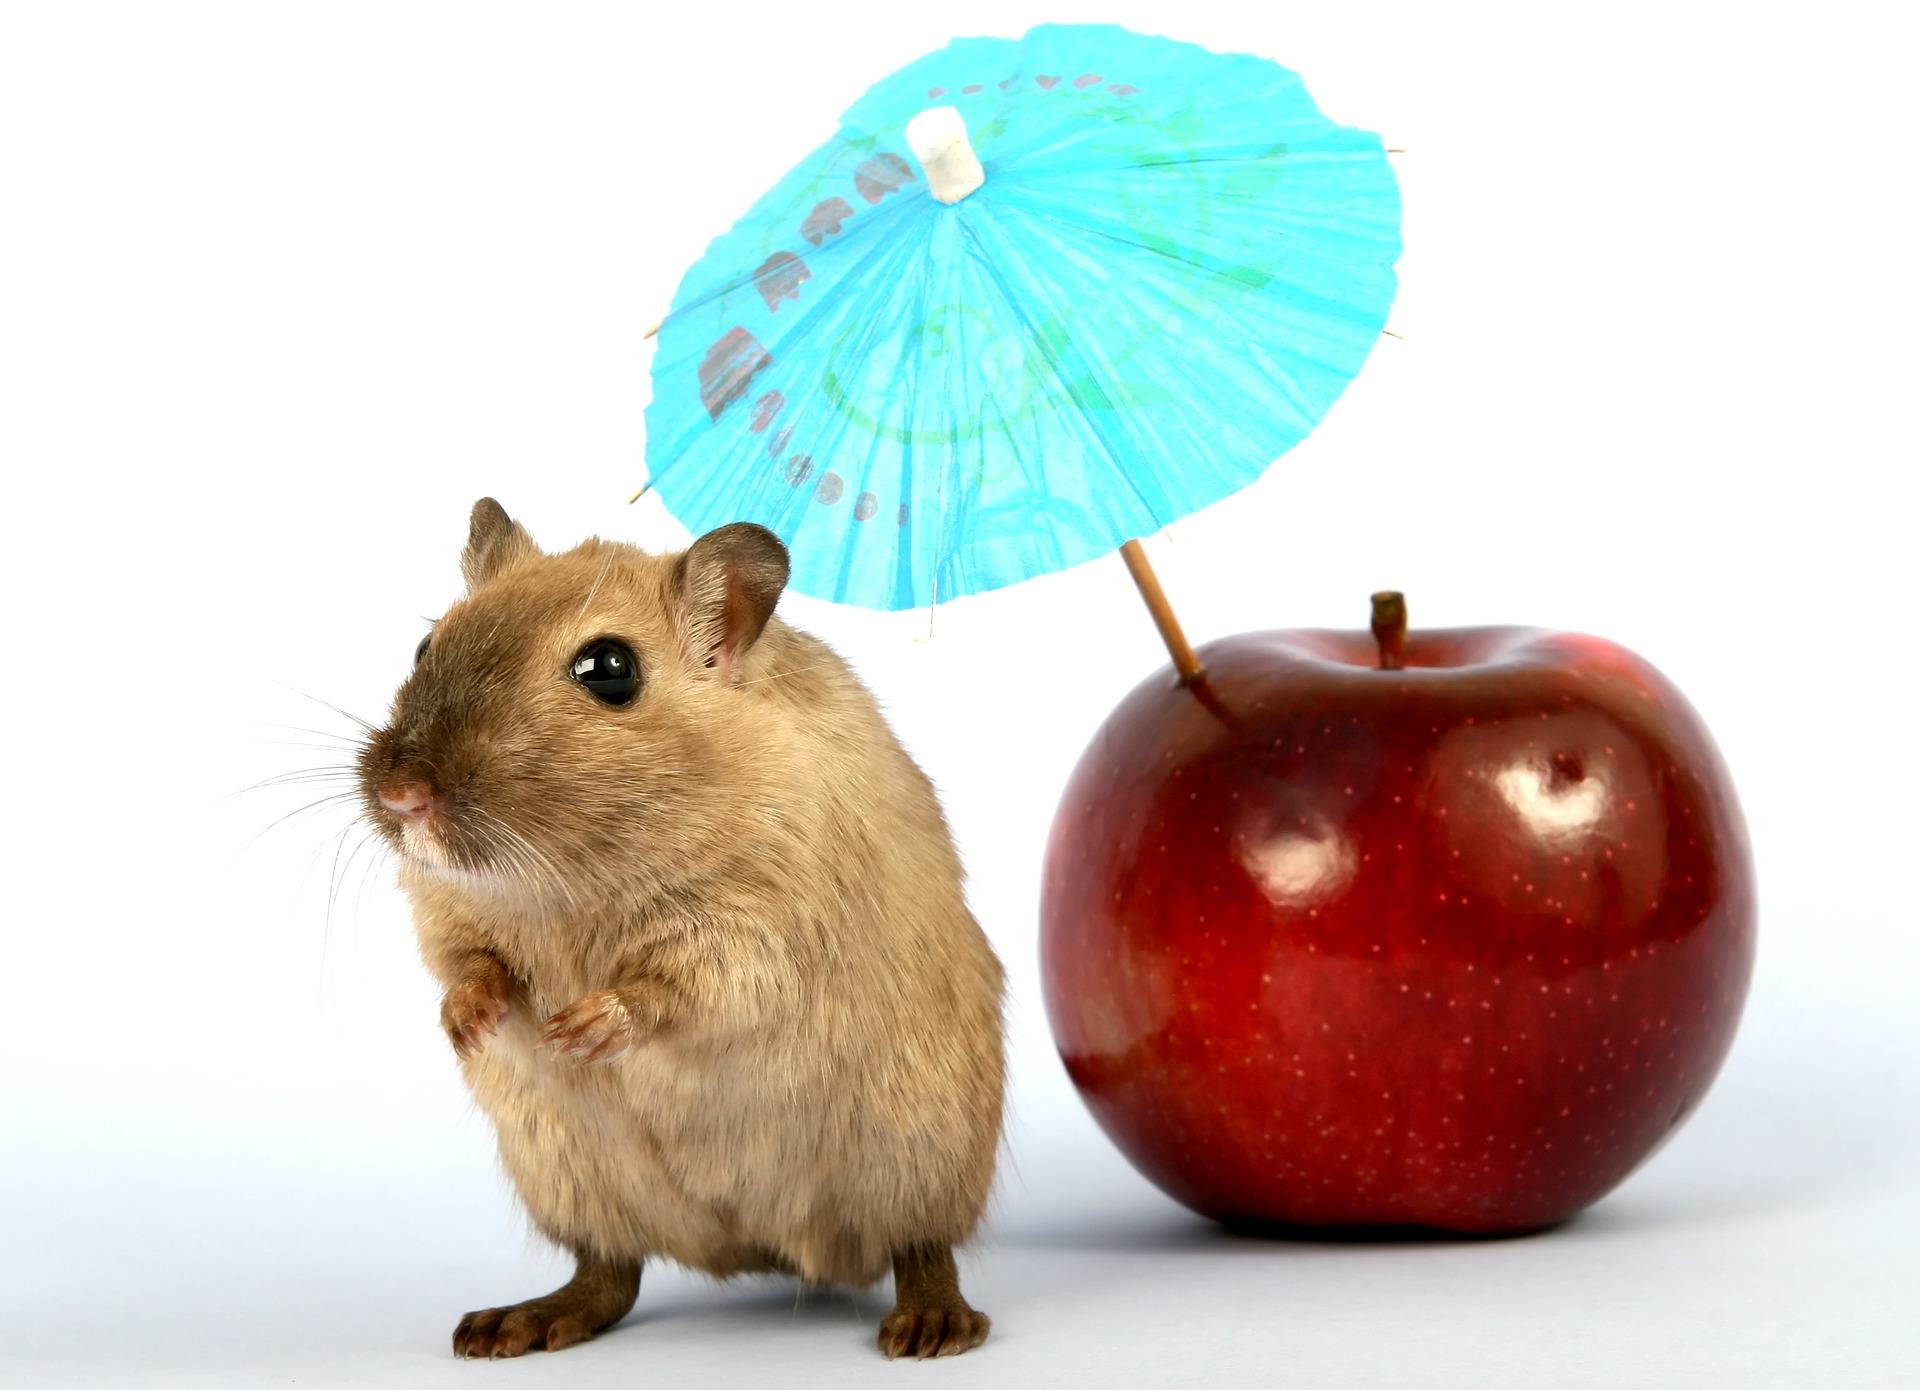 Szczur stoi obok jabłka z wbitą małą parasolką